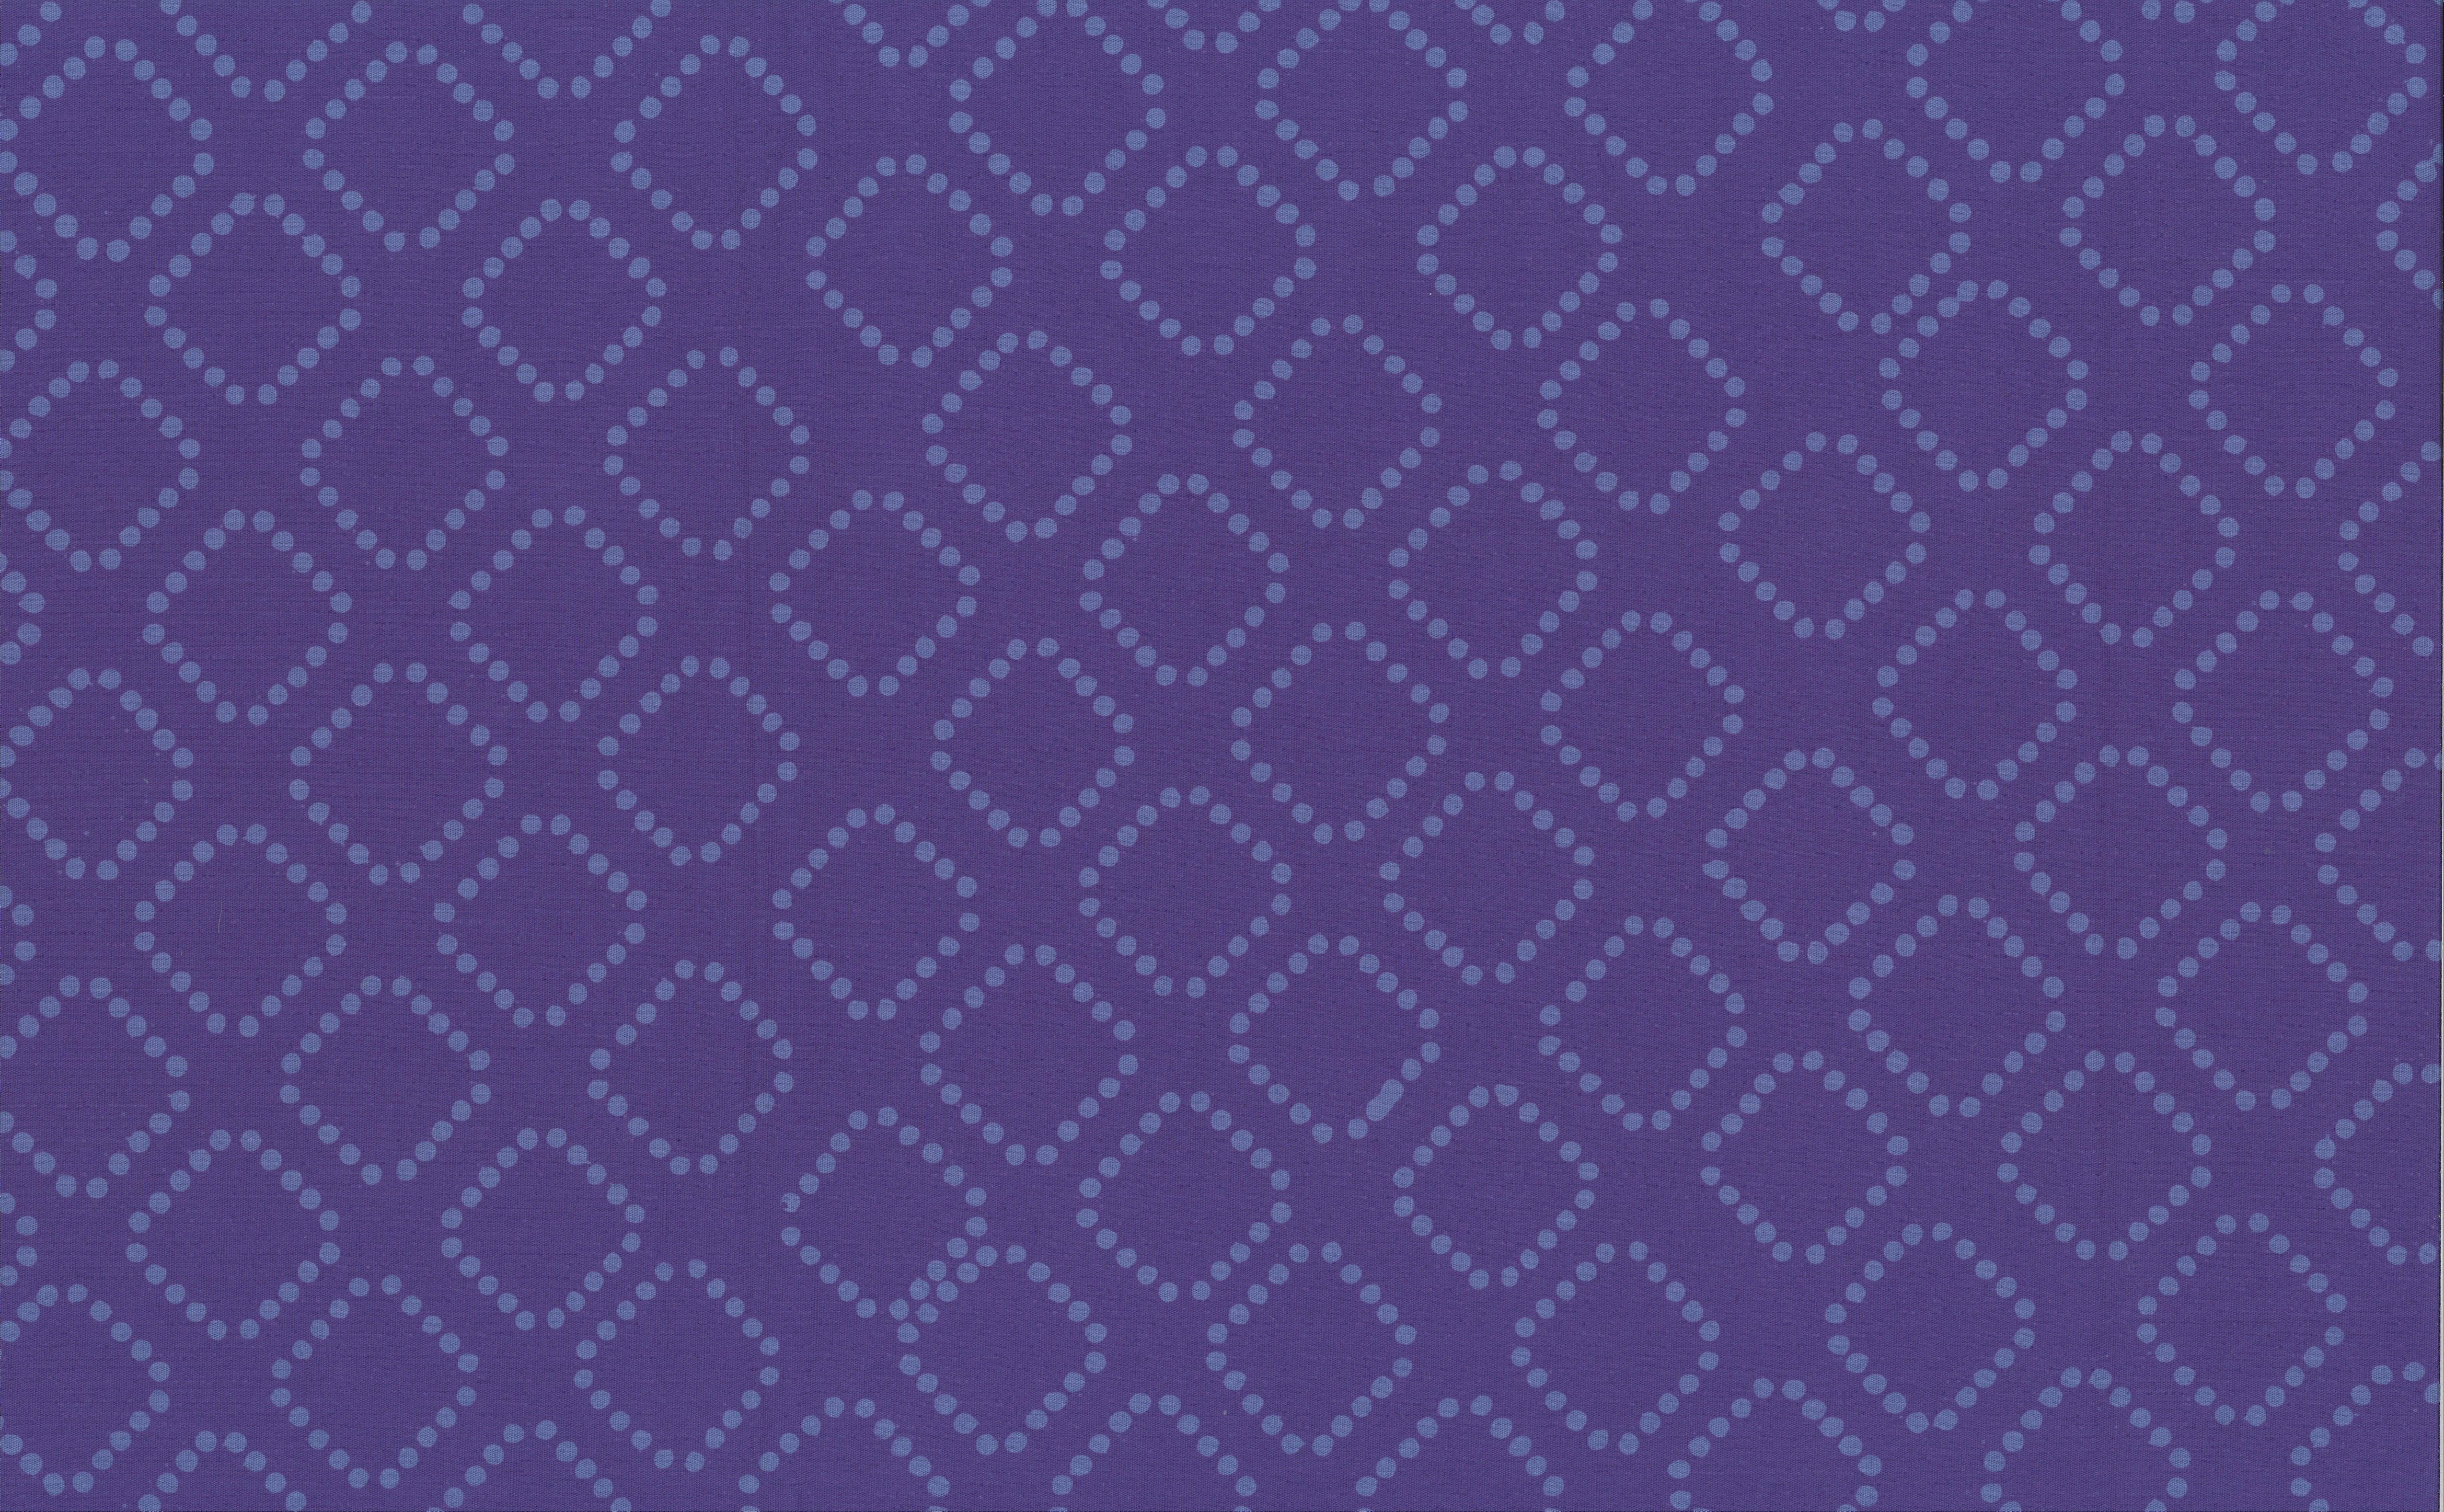 S#111_81_Violet